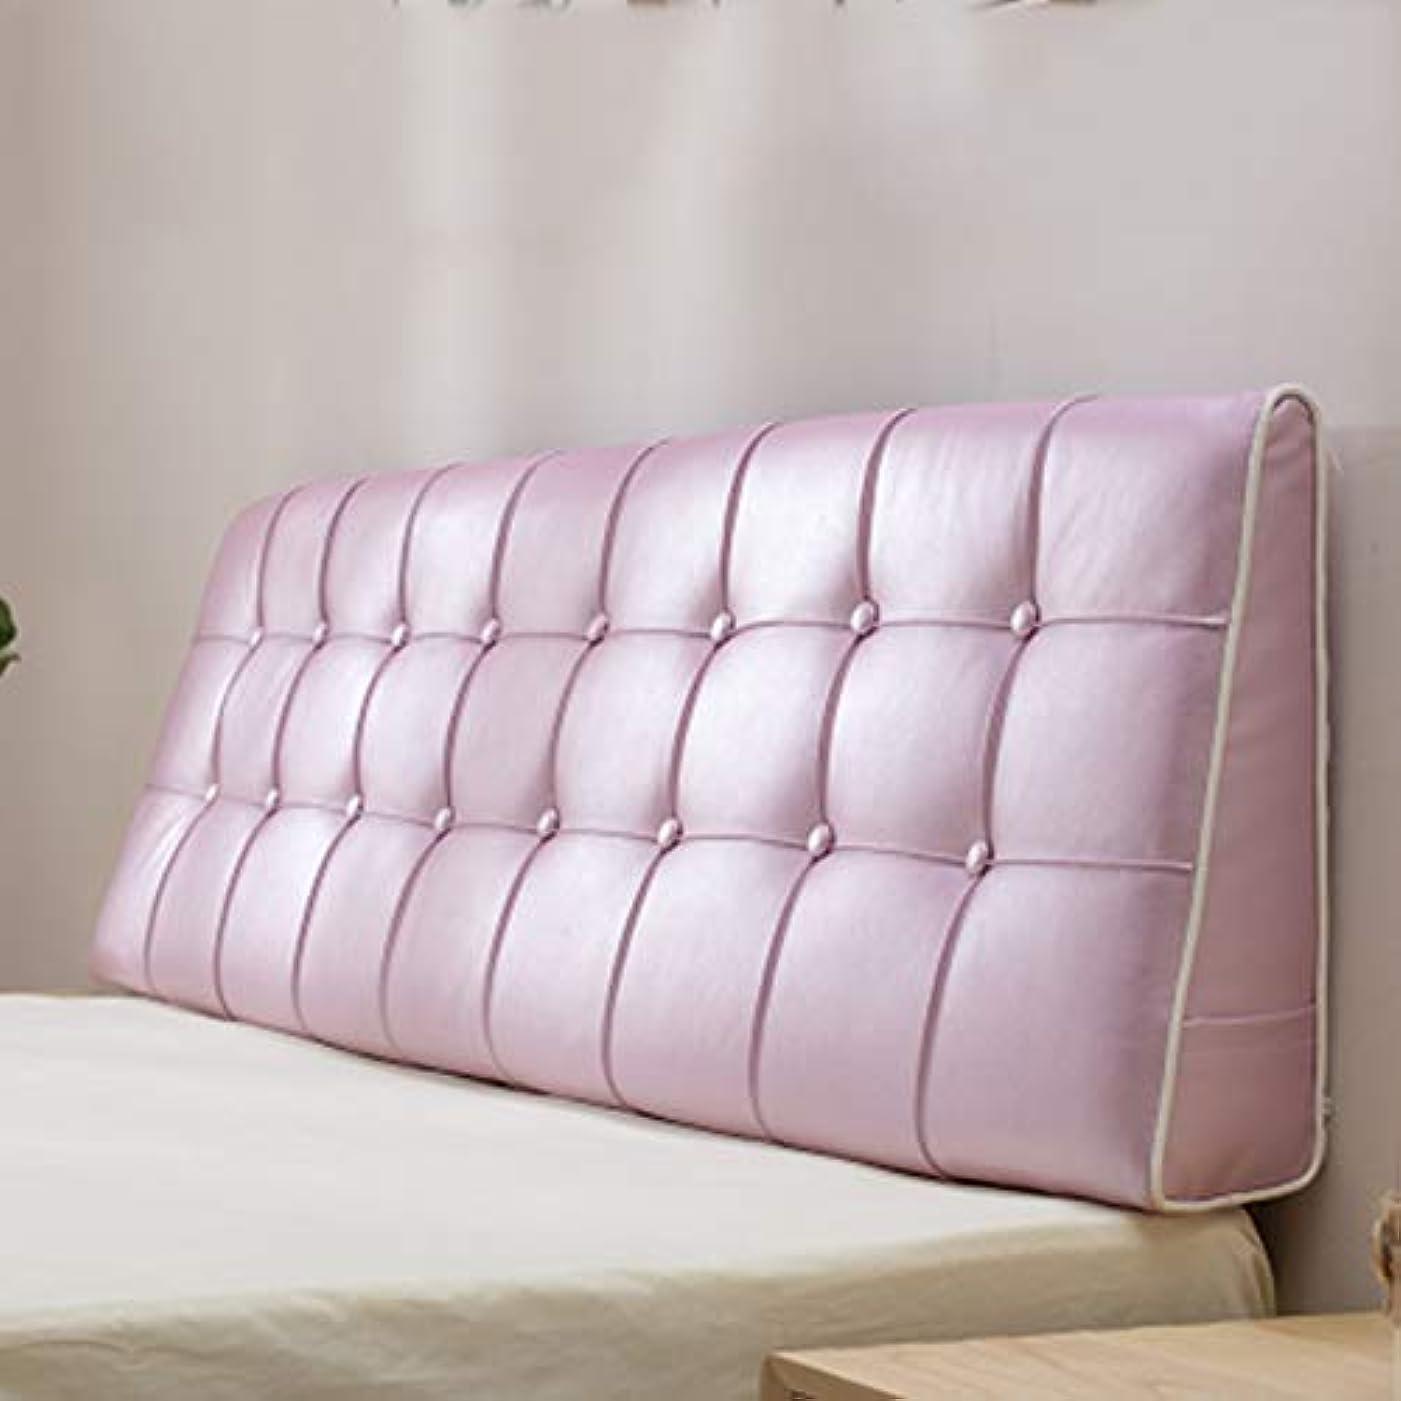 生息地勃起静かに枕ヘッドボード、枕ベッド、大型バックレザー、ノーベッド、柔らかいクッション、シンプルなベッドカバー、3色、7サイズ,B,150*50cm